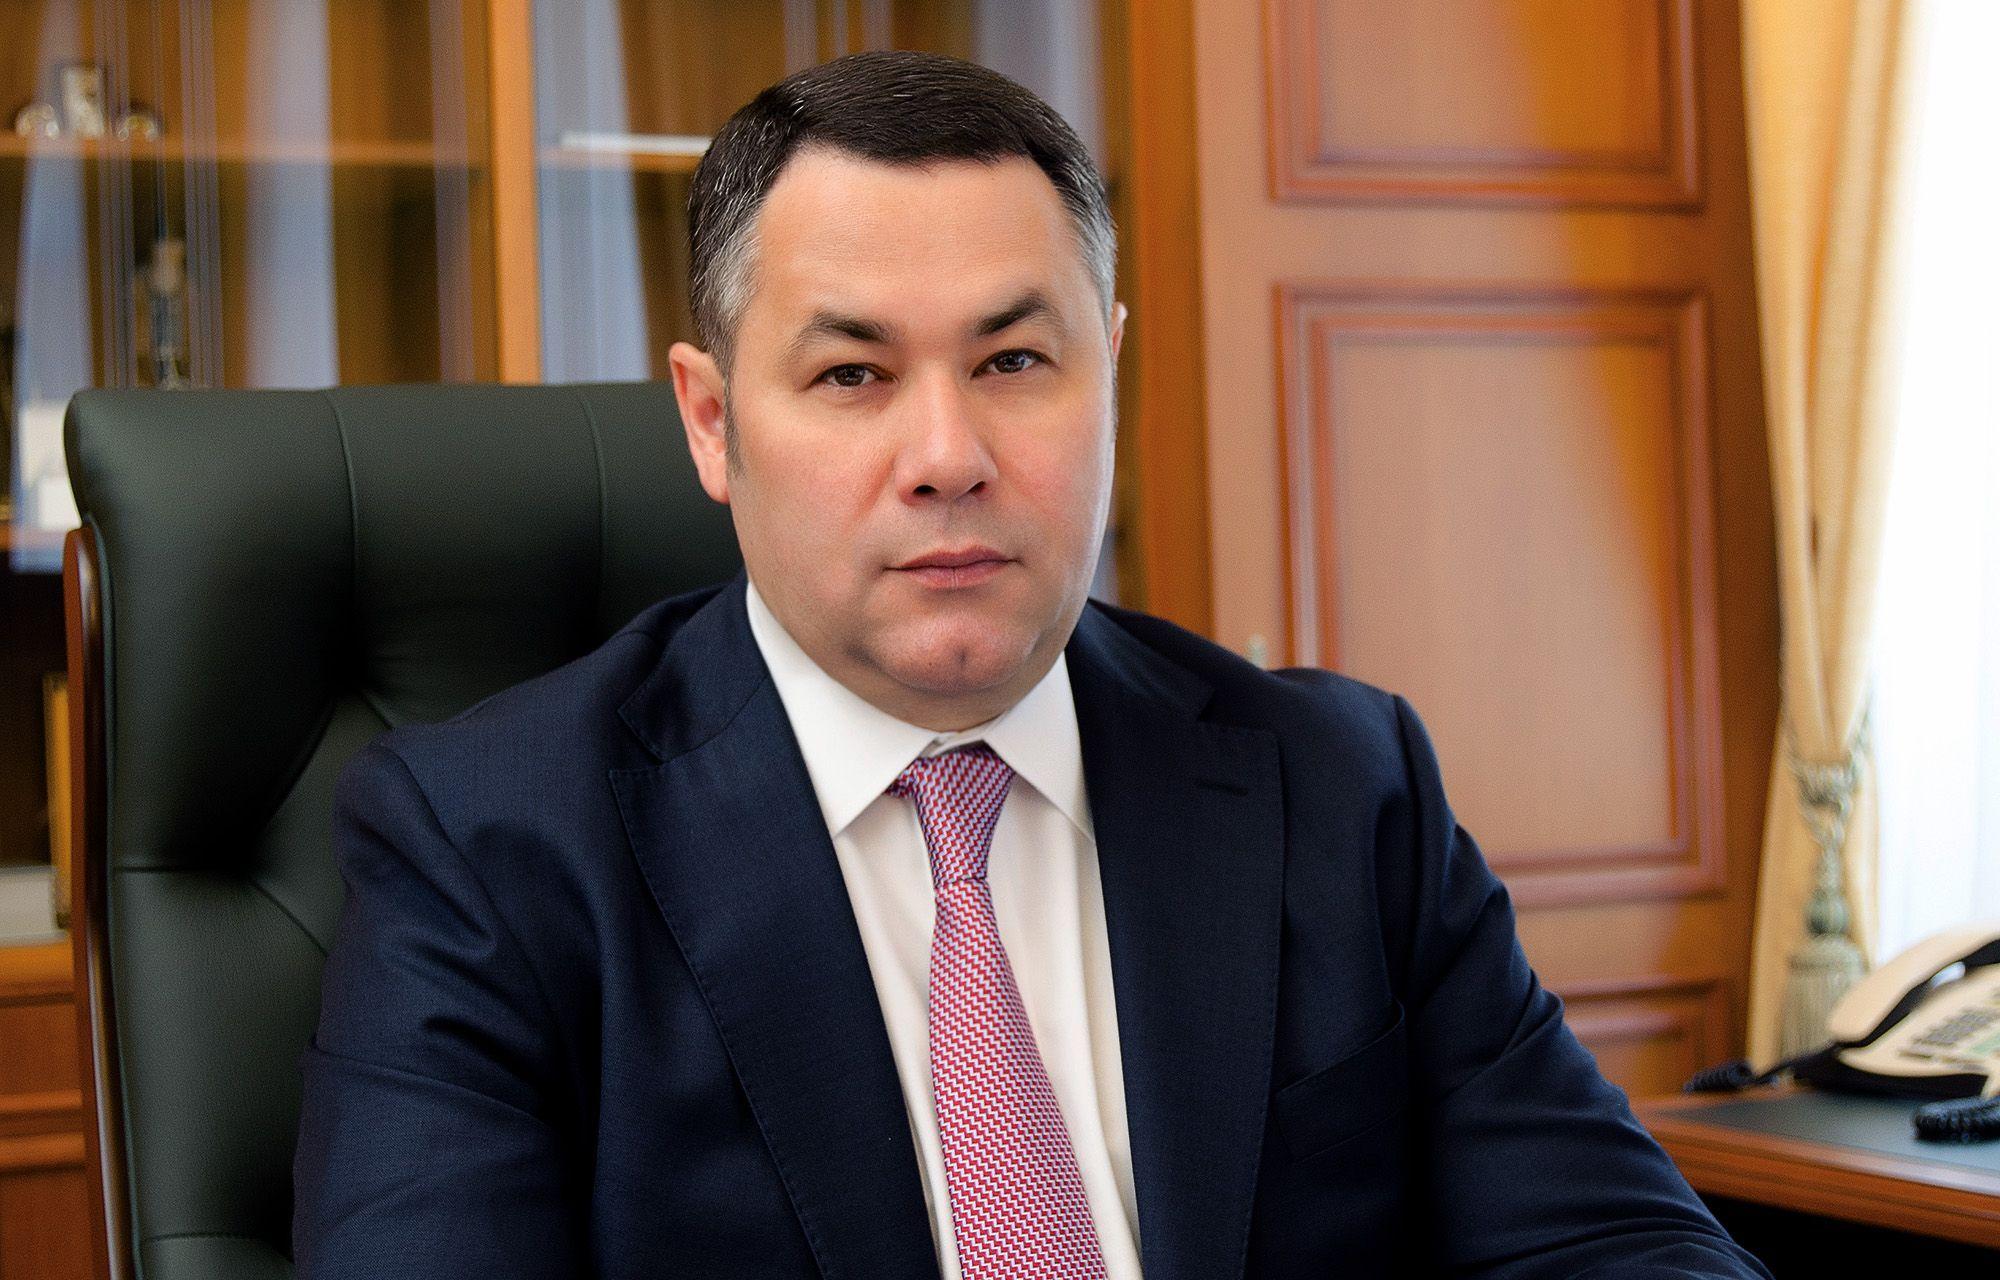 Губернатор Игорь Руденя посоветовал пожилым людям соблюдать режим самоизоляции